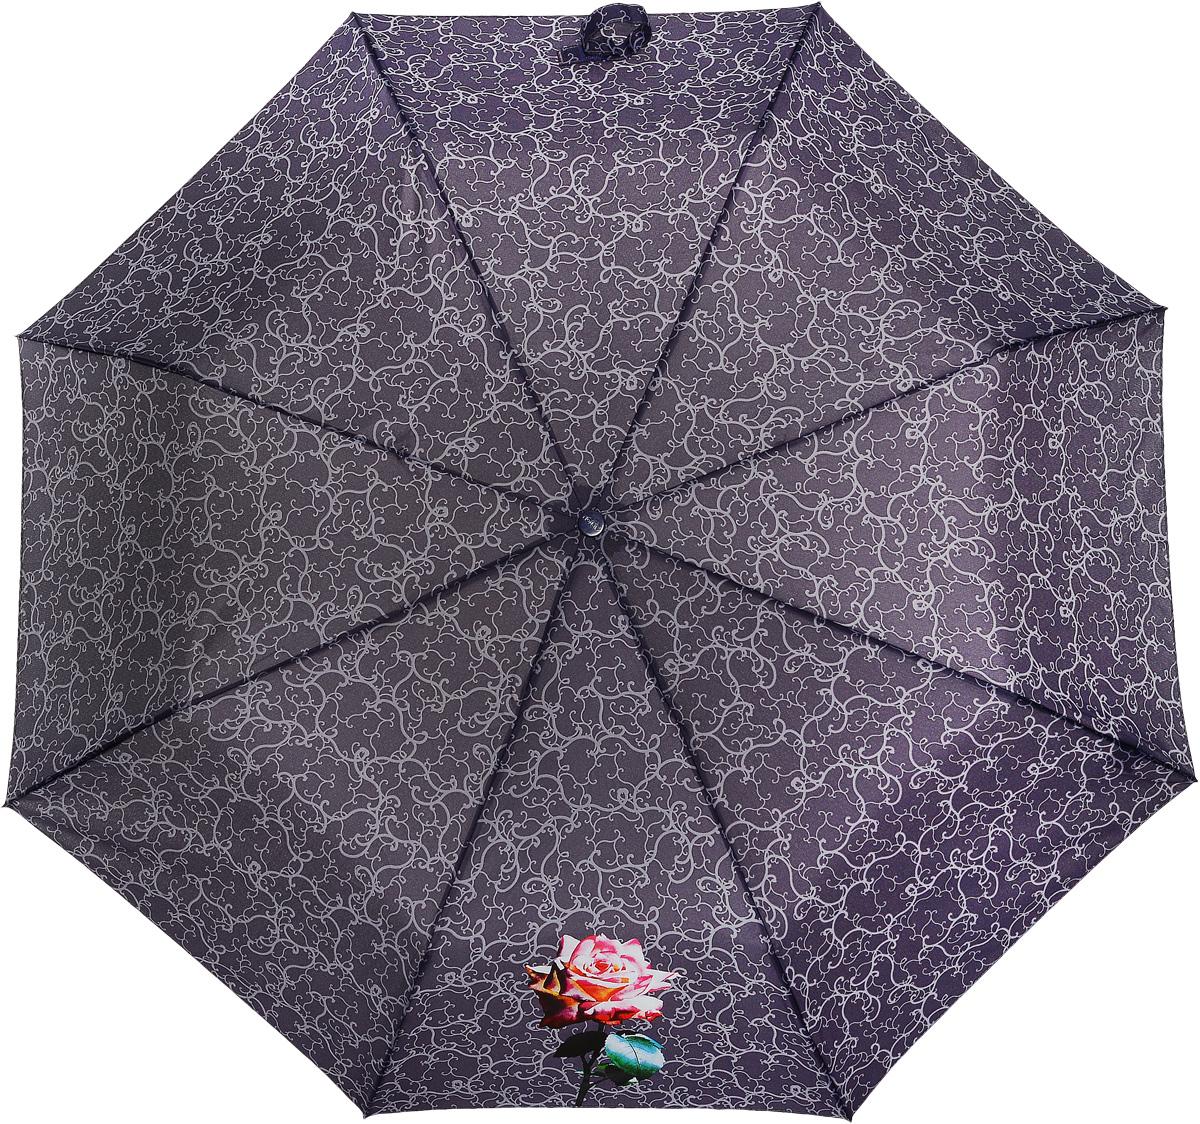 Зонт женский Airton, механический, 3 сложения, цвет: красно-коричневый, оранжевый. 3511-2002591АКлассический женский зонт Airton в 3 сложения имеет механическую систему открытия и закрытия.Каркас зонта выполнен из восьми спиц на прочном стержне. Купол зонта изготовлен из прочного полиэстера. Практичная рукоятка закругленной формы разработана с учетом требований эргономики и выполнена из качественного пластика с противоскользящей обработкой.Такой зонт оснащен системой антиветер, которая позволяет спицам при порывах ветрах выгибаться наизнанку, и при этом не ломаться. К зонту прилагается чехол.